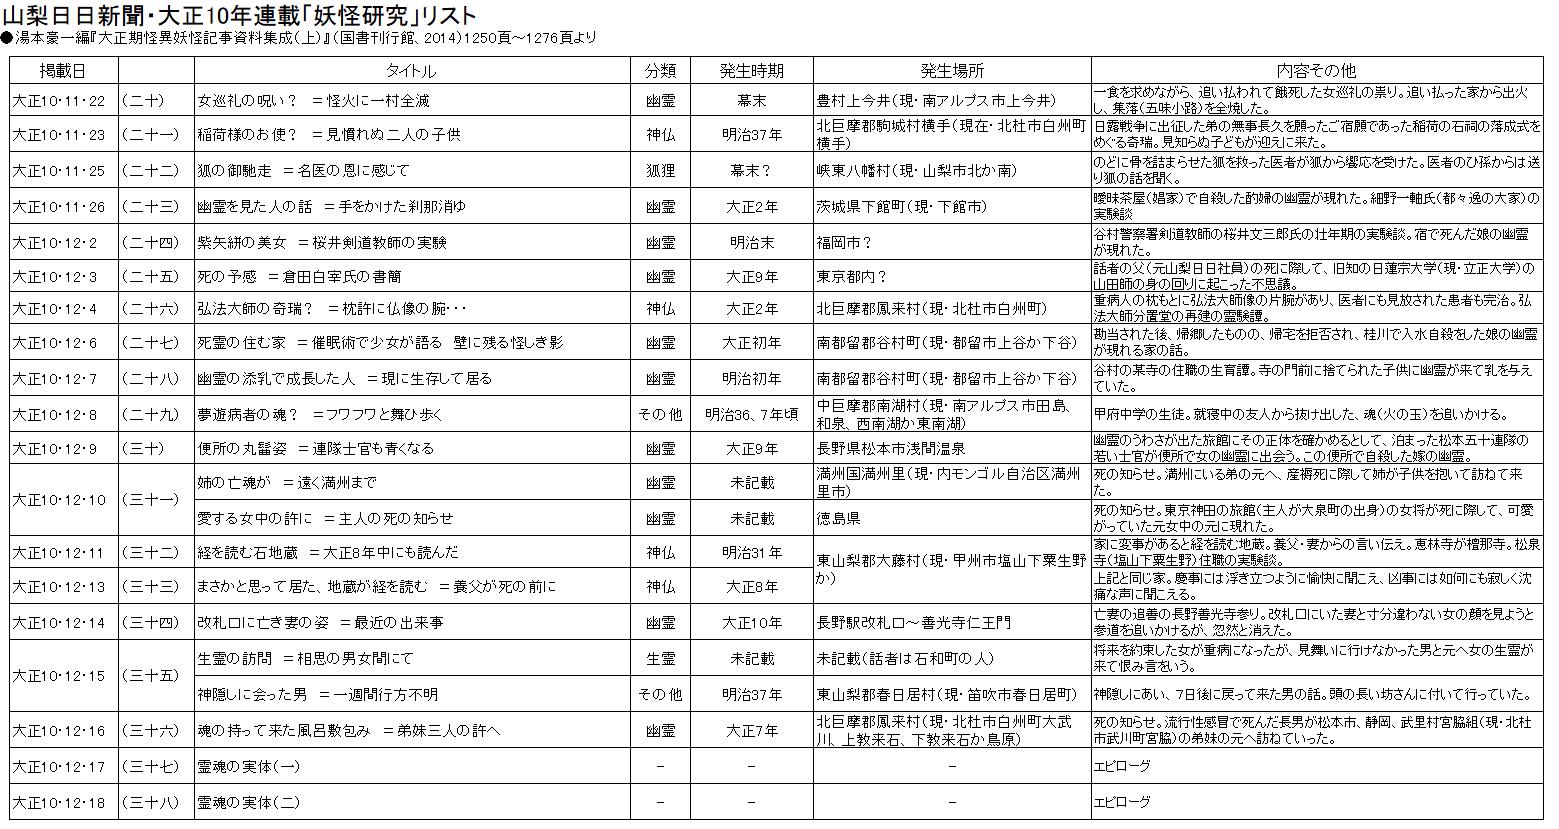 大正10年の山梨日日新聞「妖怪研究」① - いなけん(山梨大稲田研究室)